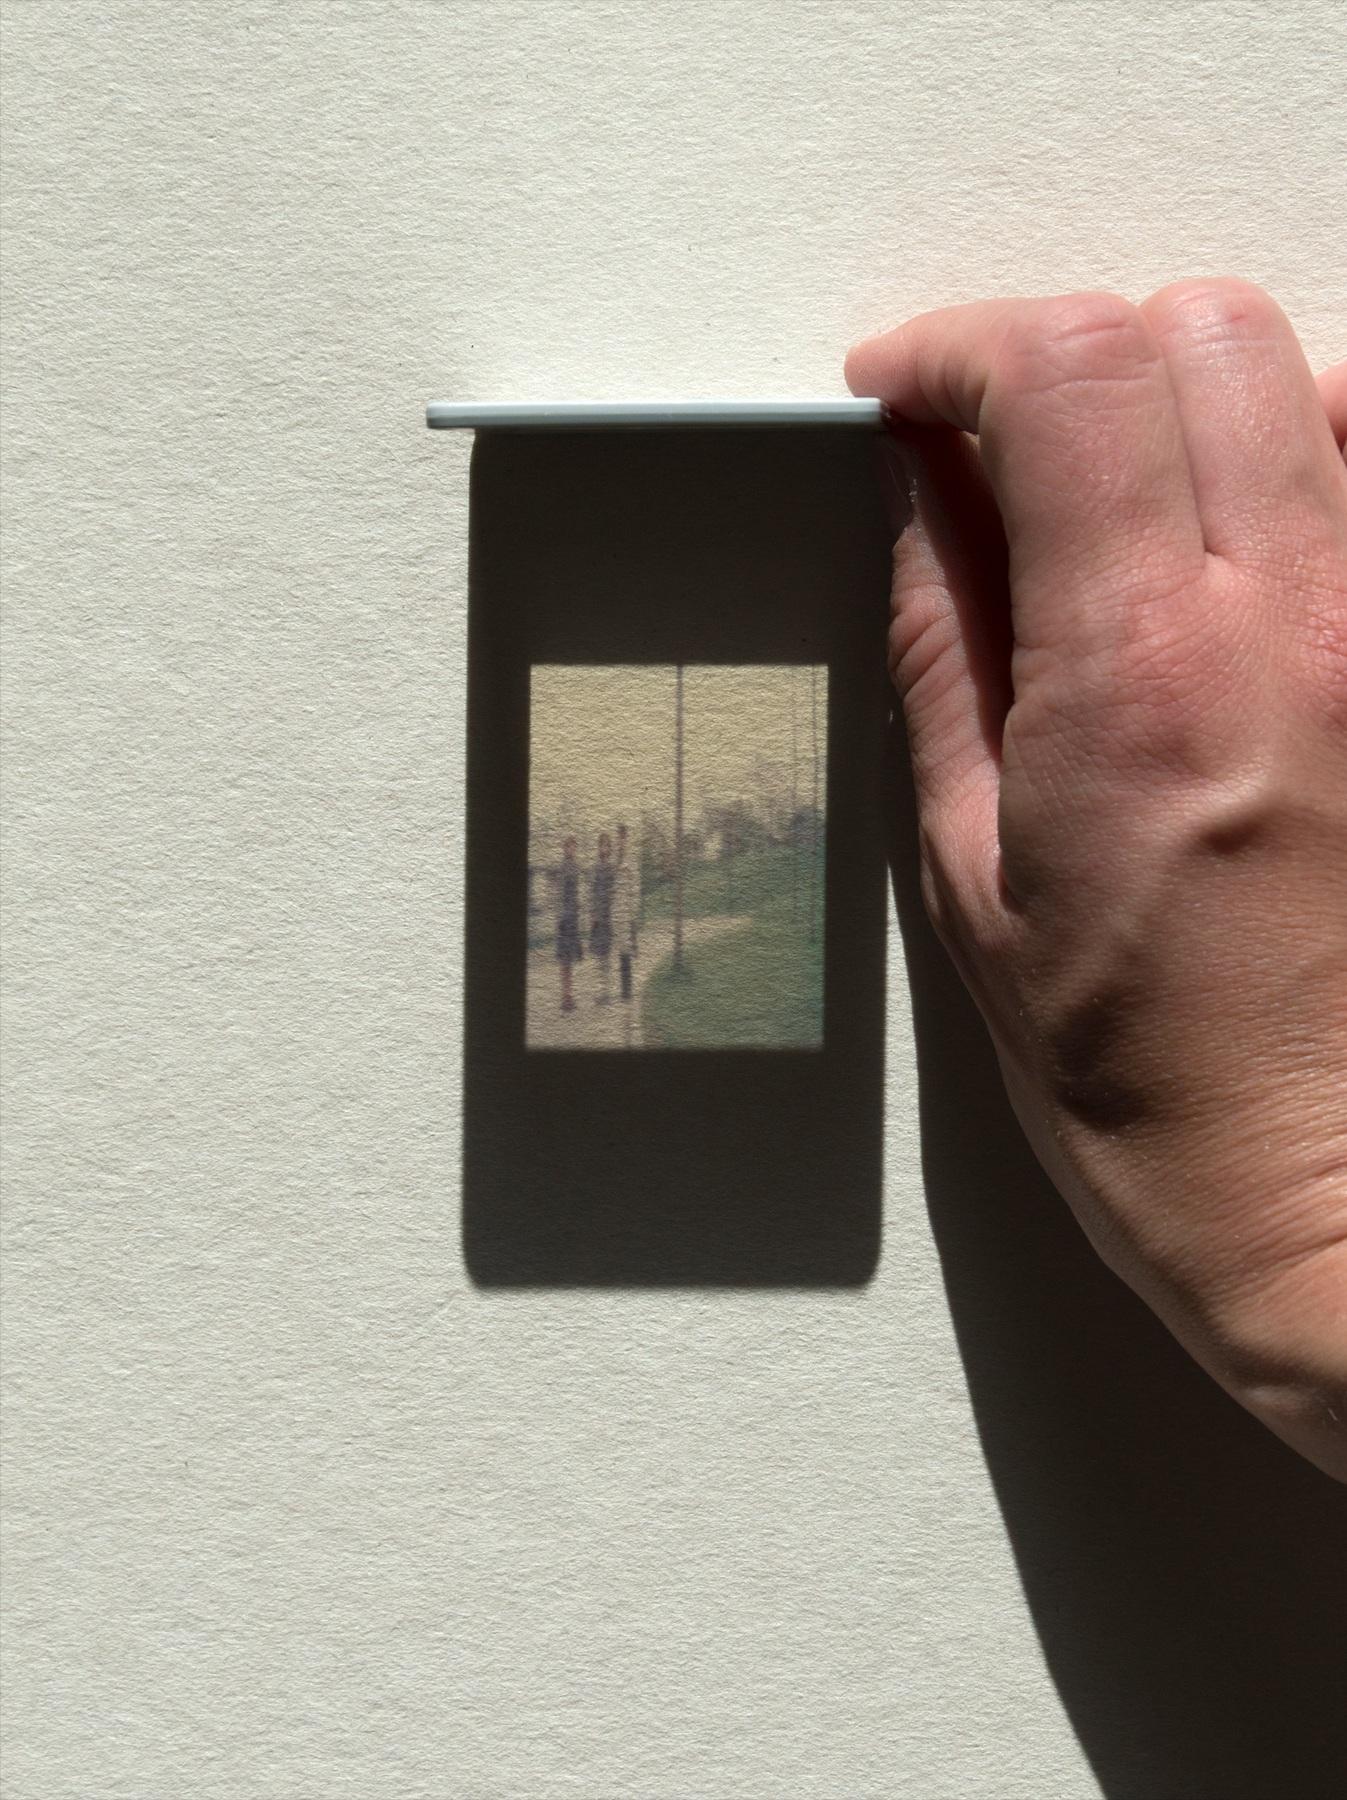 Morgaine Schäfer,  BWS 3825 (After Rainfall in Munich) , 2019 Inkjet print 80 x 60 cm